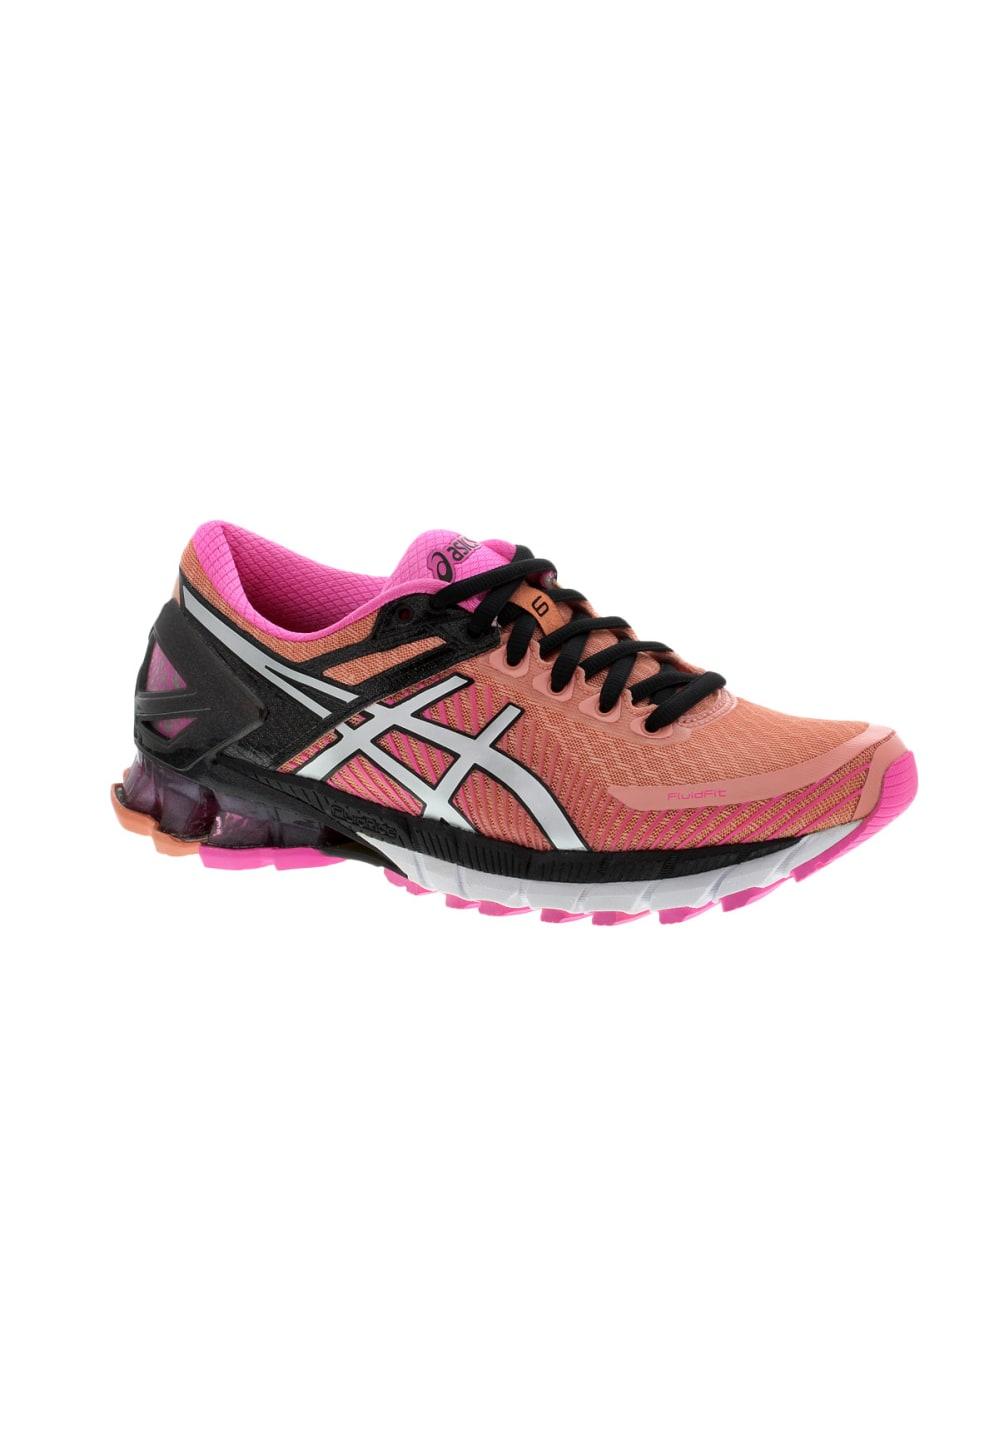 huge discount 6ac5a c5d2f Next. ASICS. GEL-Kinsei 6 - Running shoes for Women